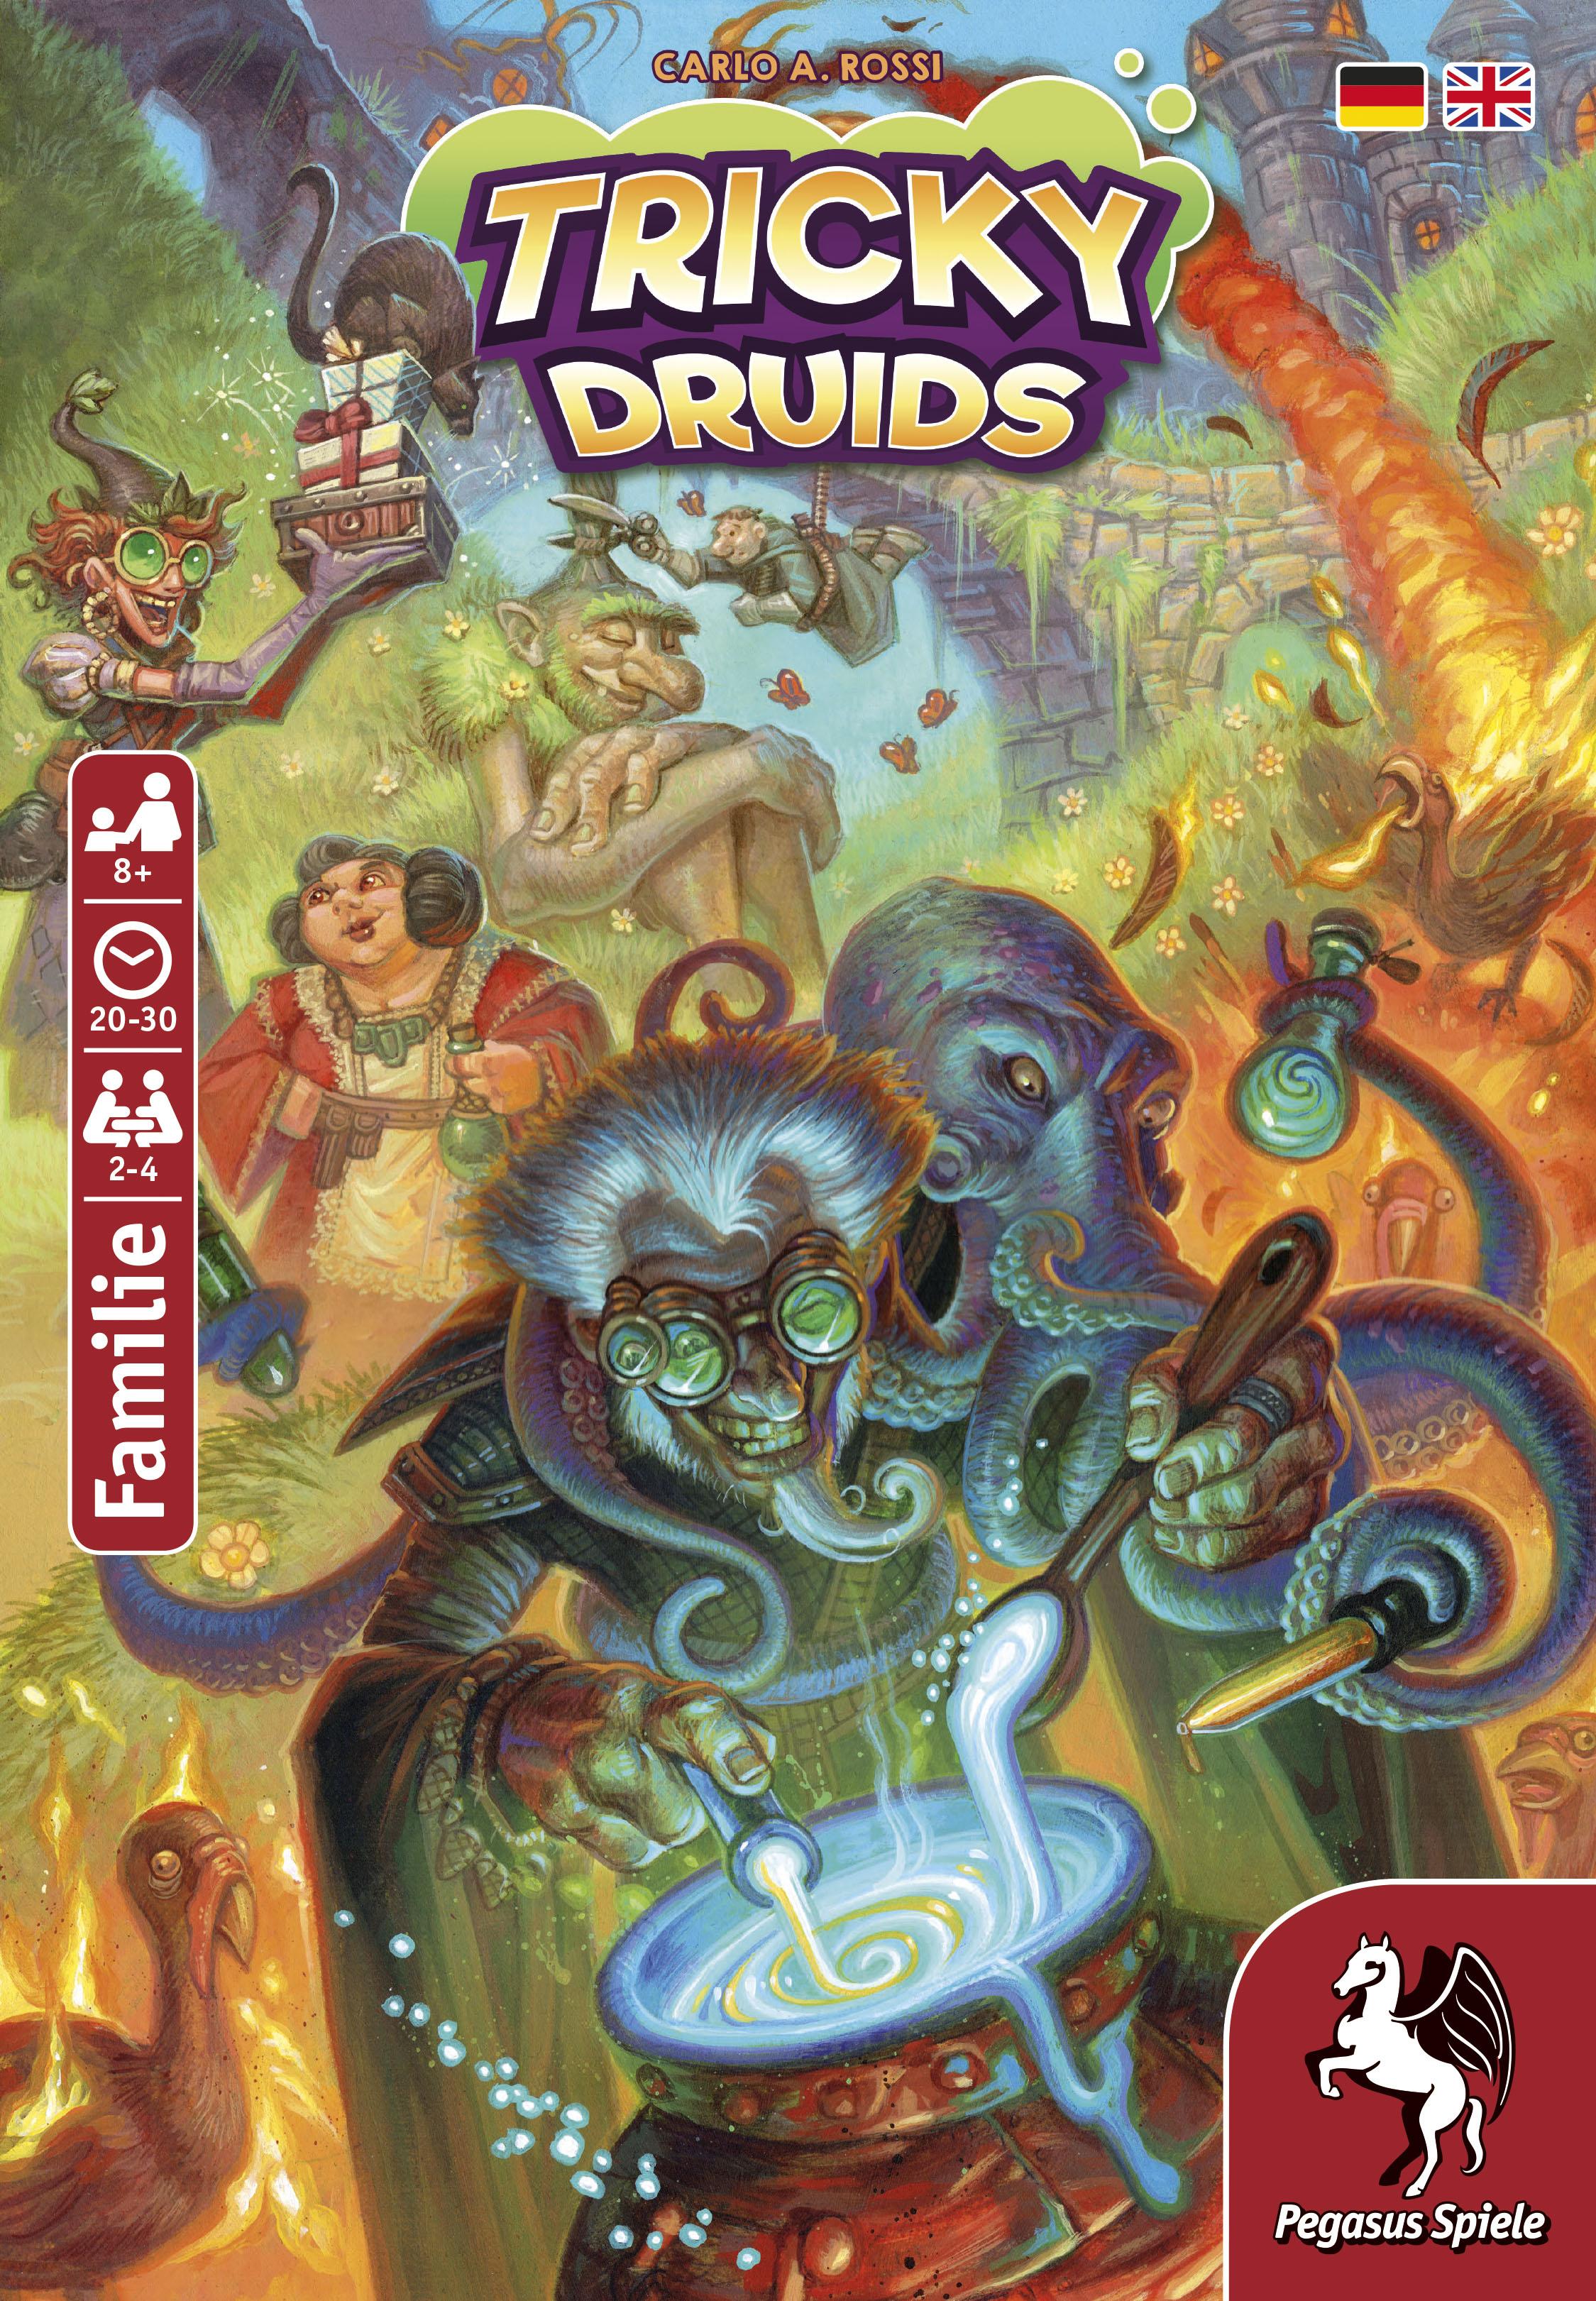 Bild von Tricky Druids angekündigt